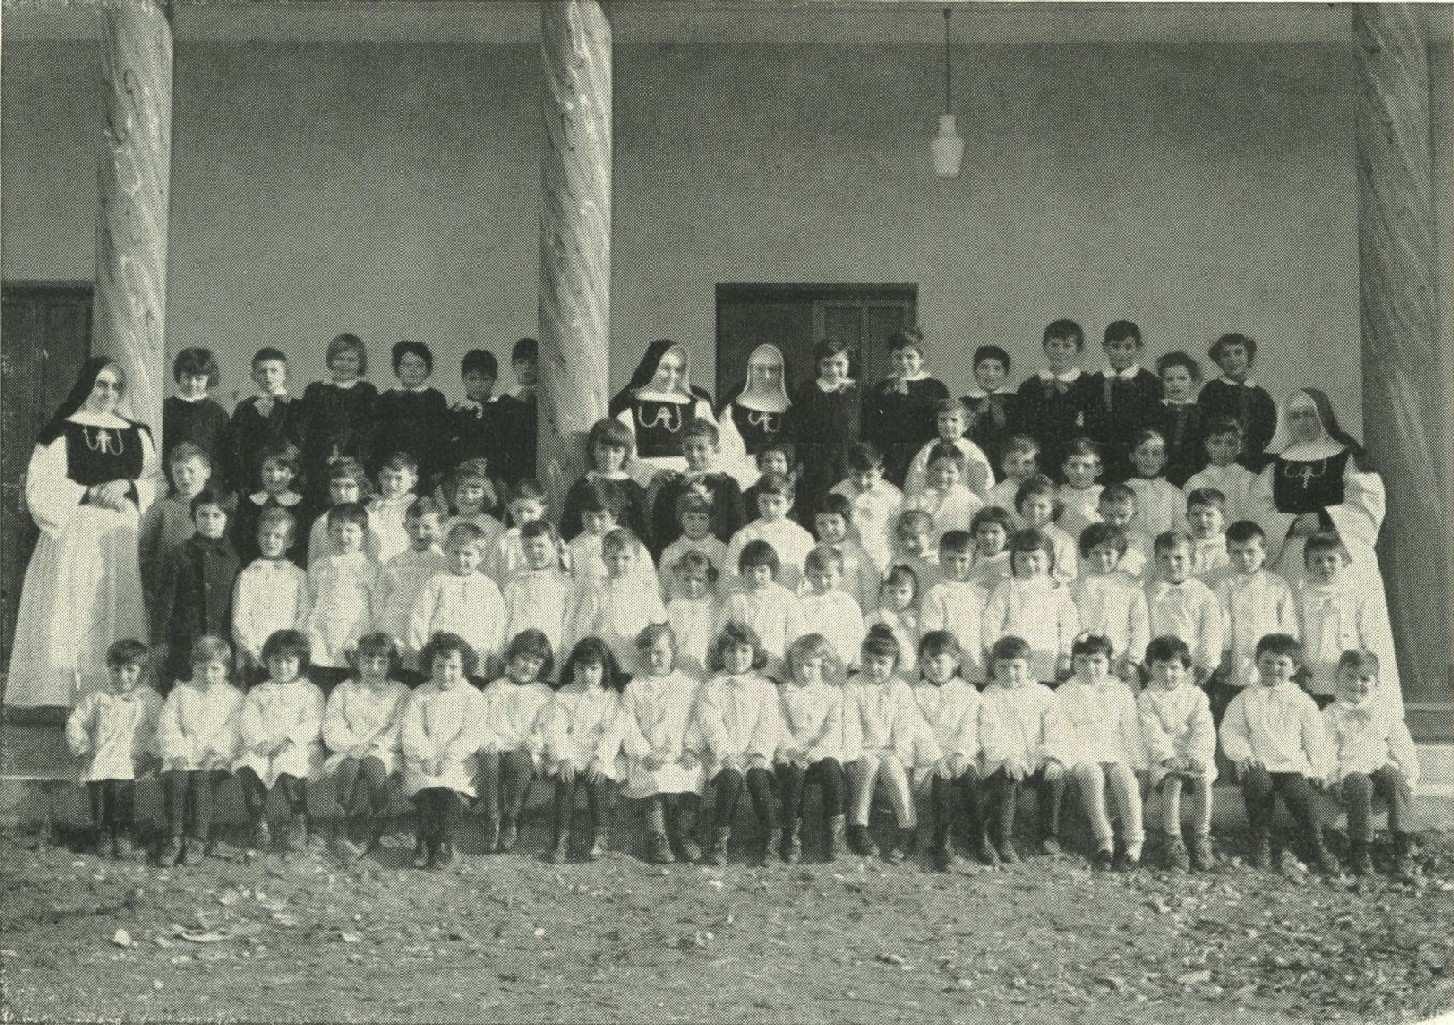 Scuola-Materna-S.-Maria-Goretti-I-giorno-di-scuola-5-nov-1964